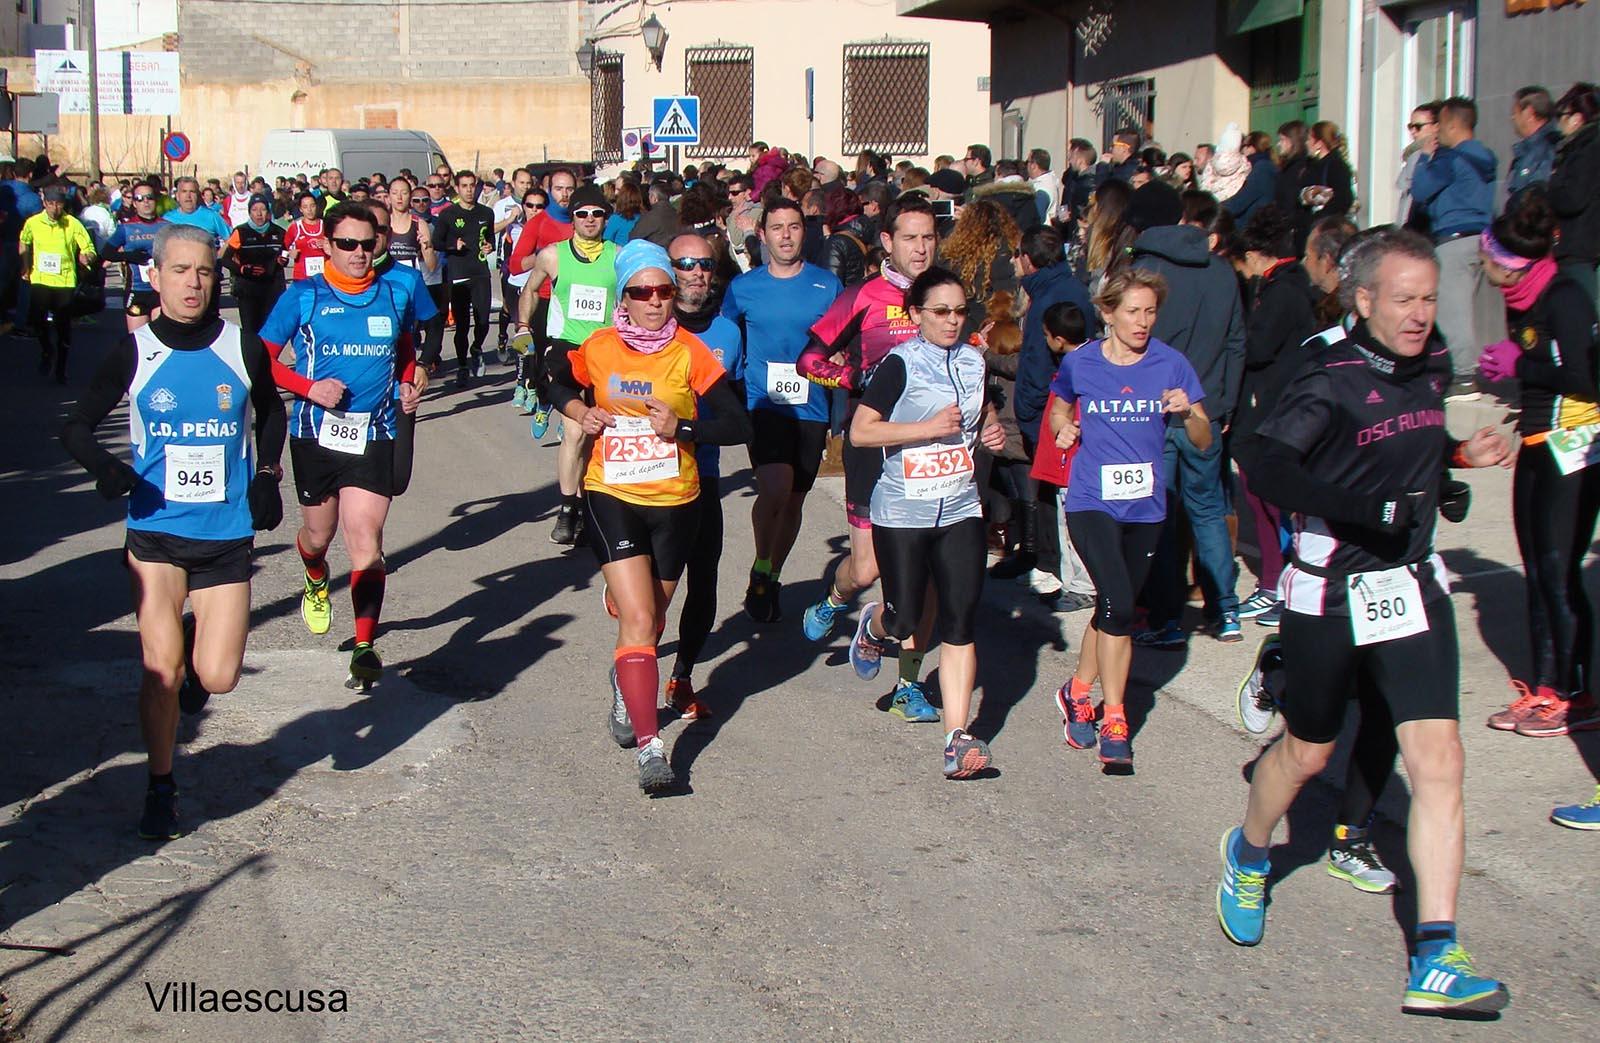 XIX Carrera Popular de Elche de la Sierra 2018